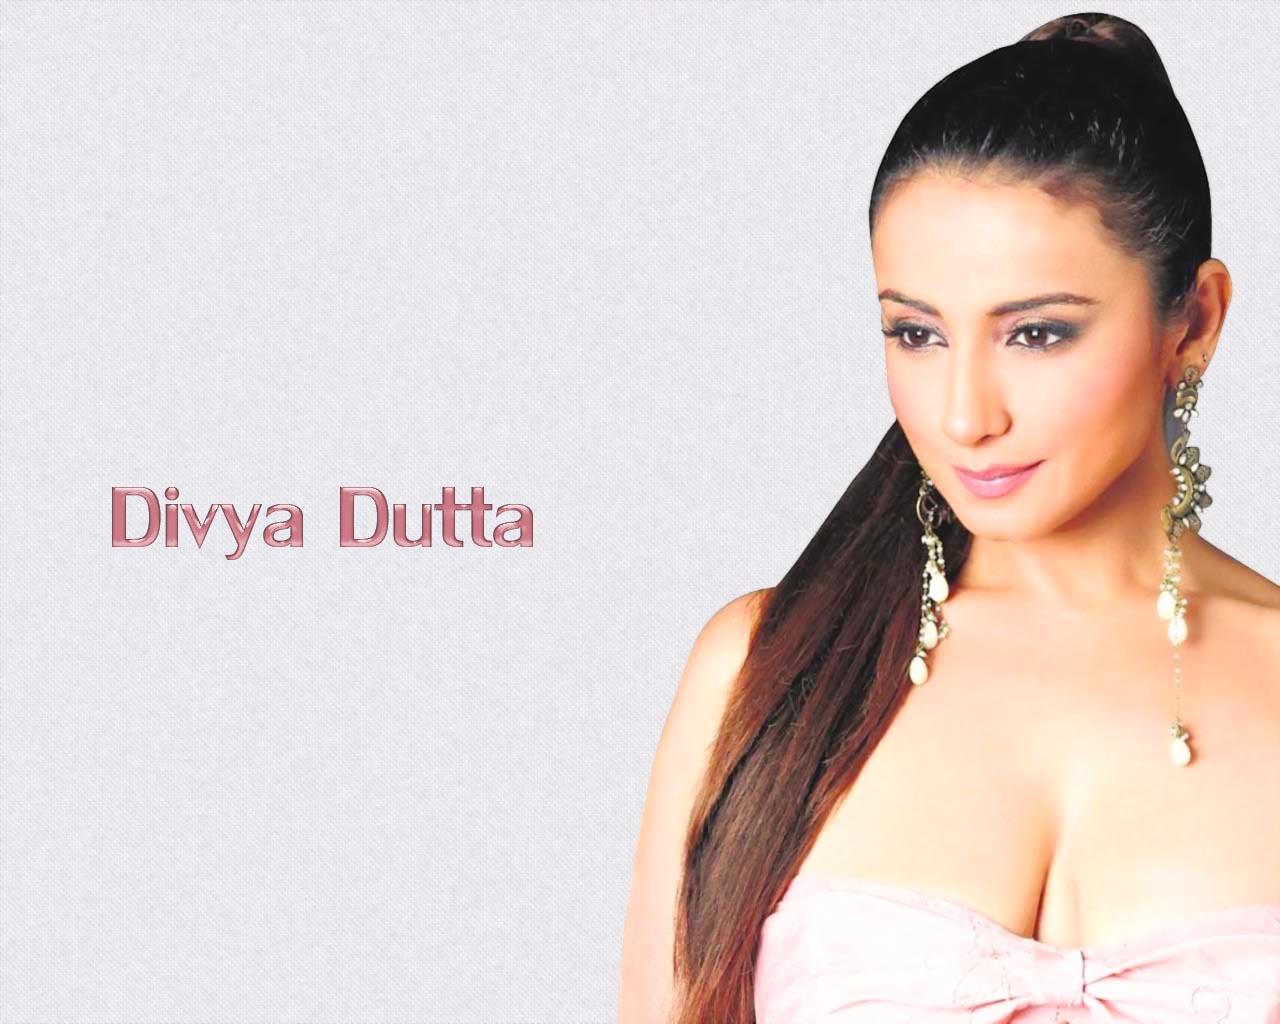 http://1.bp.blogspot.com/_TiCO8op_NpI/TEDJtJS24uI/AAAAAAAAQm4/iZVLYqqLU8M/s1600/Divya+Dutta.jpg+%283%29.jpg